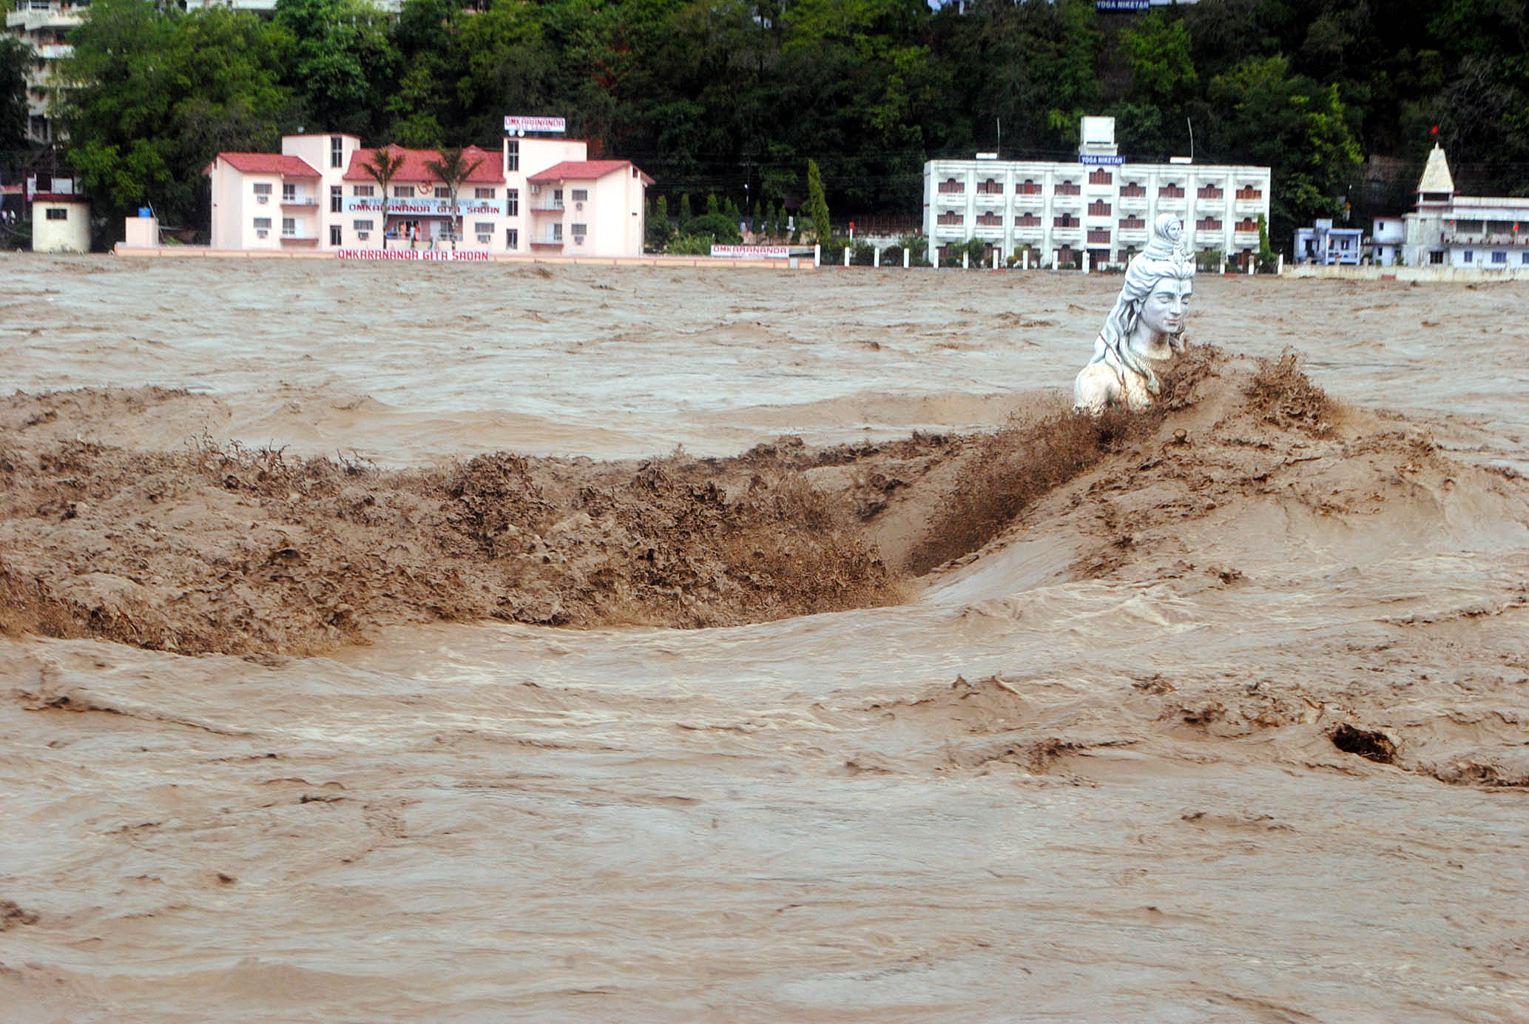 Brootle Uttarakhand And Kedarnath Flood Disaster Unseen